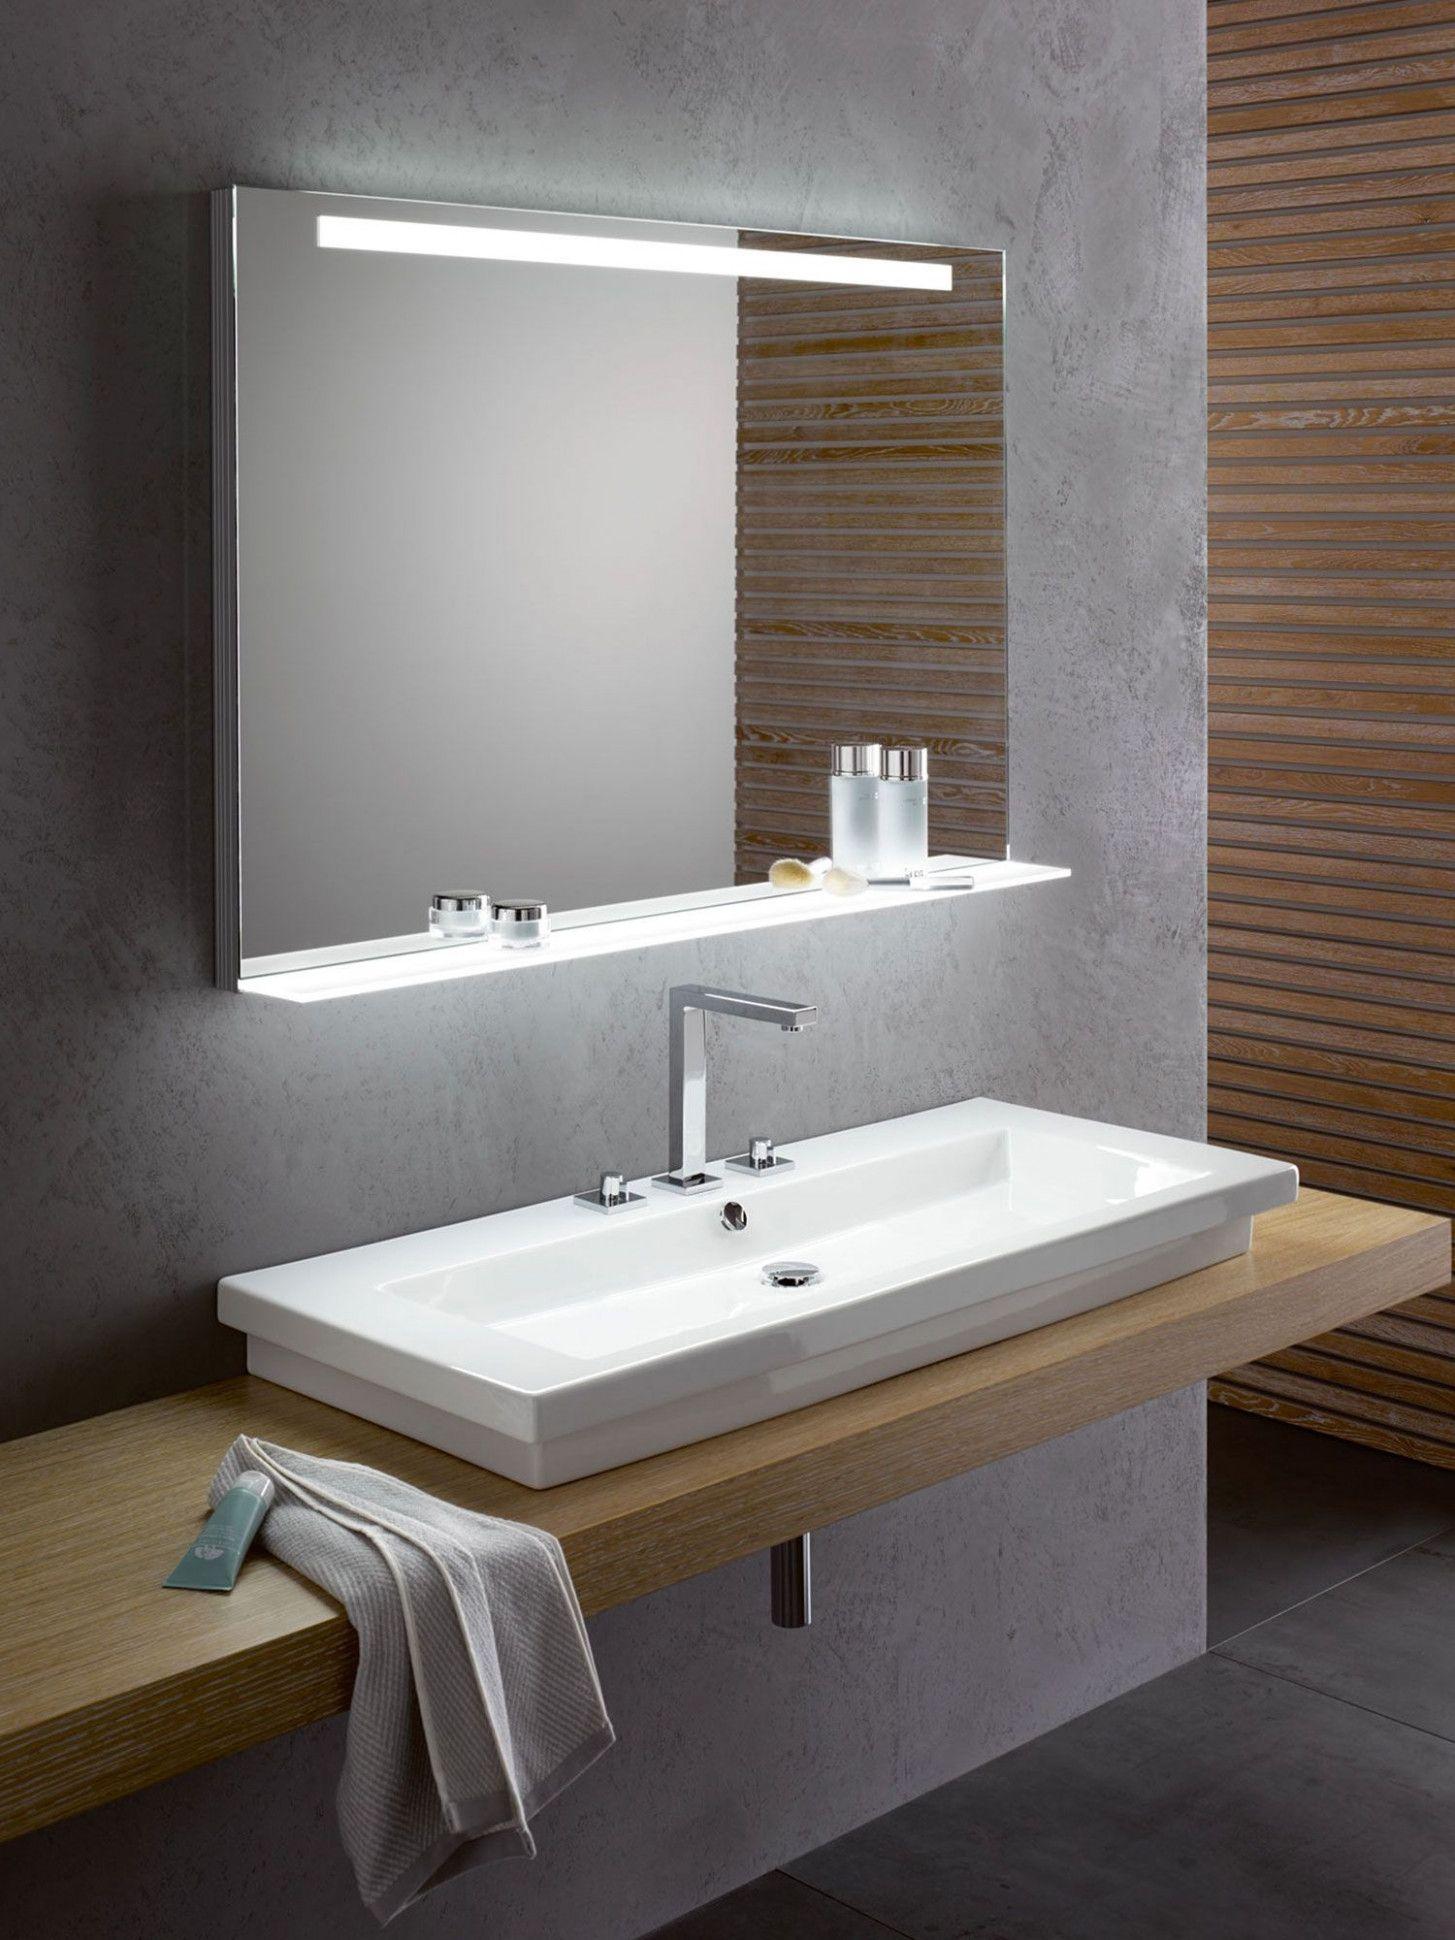 48++ Spiegel badezimmer mit licht Trends